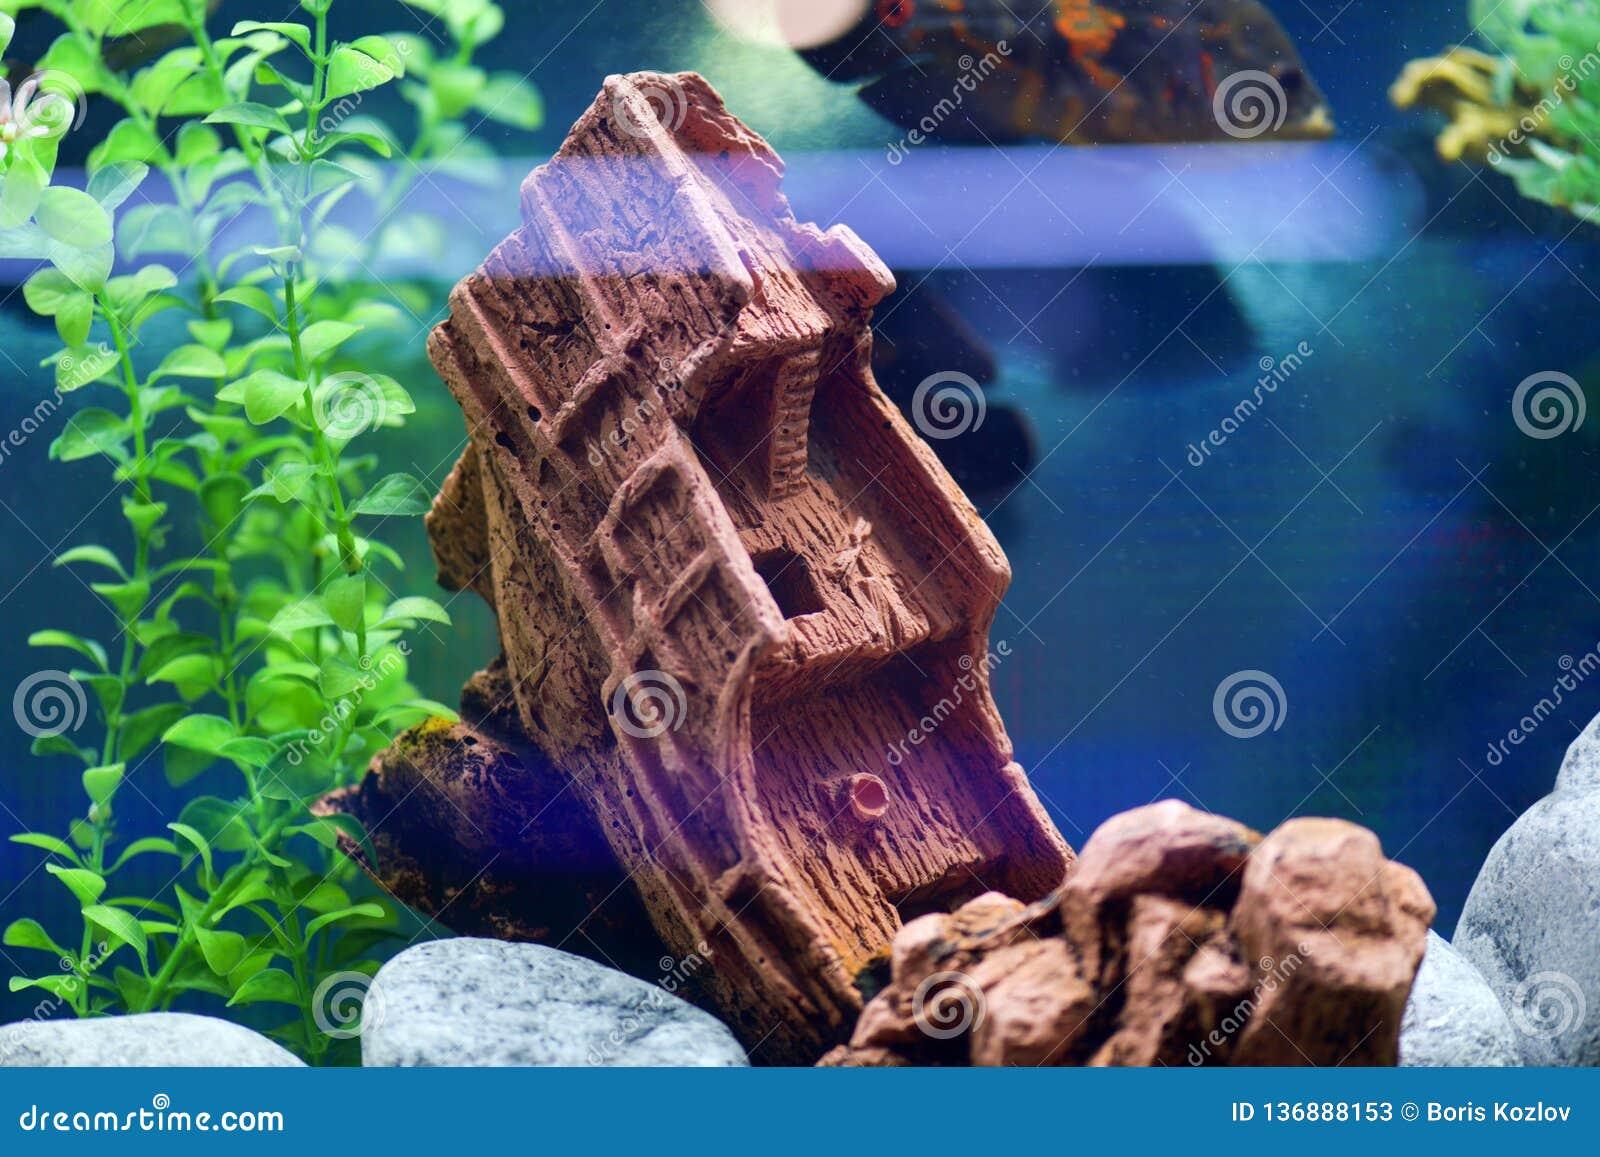 Mooi en creatief ontwerp van het aquarium-gedaalde schip op een blauwe achtergrond